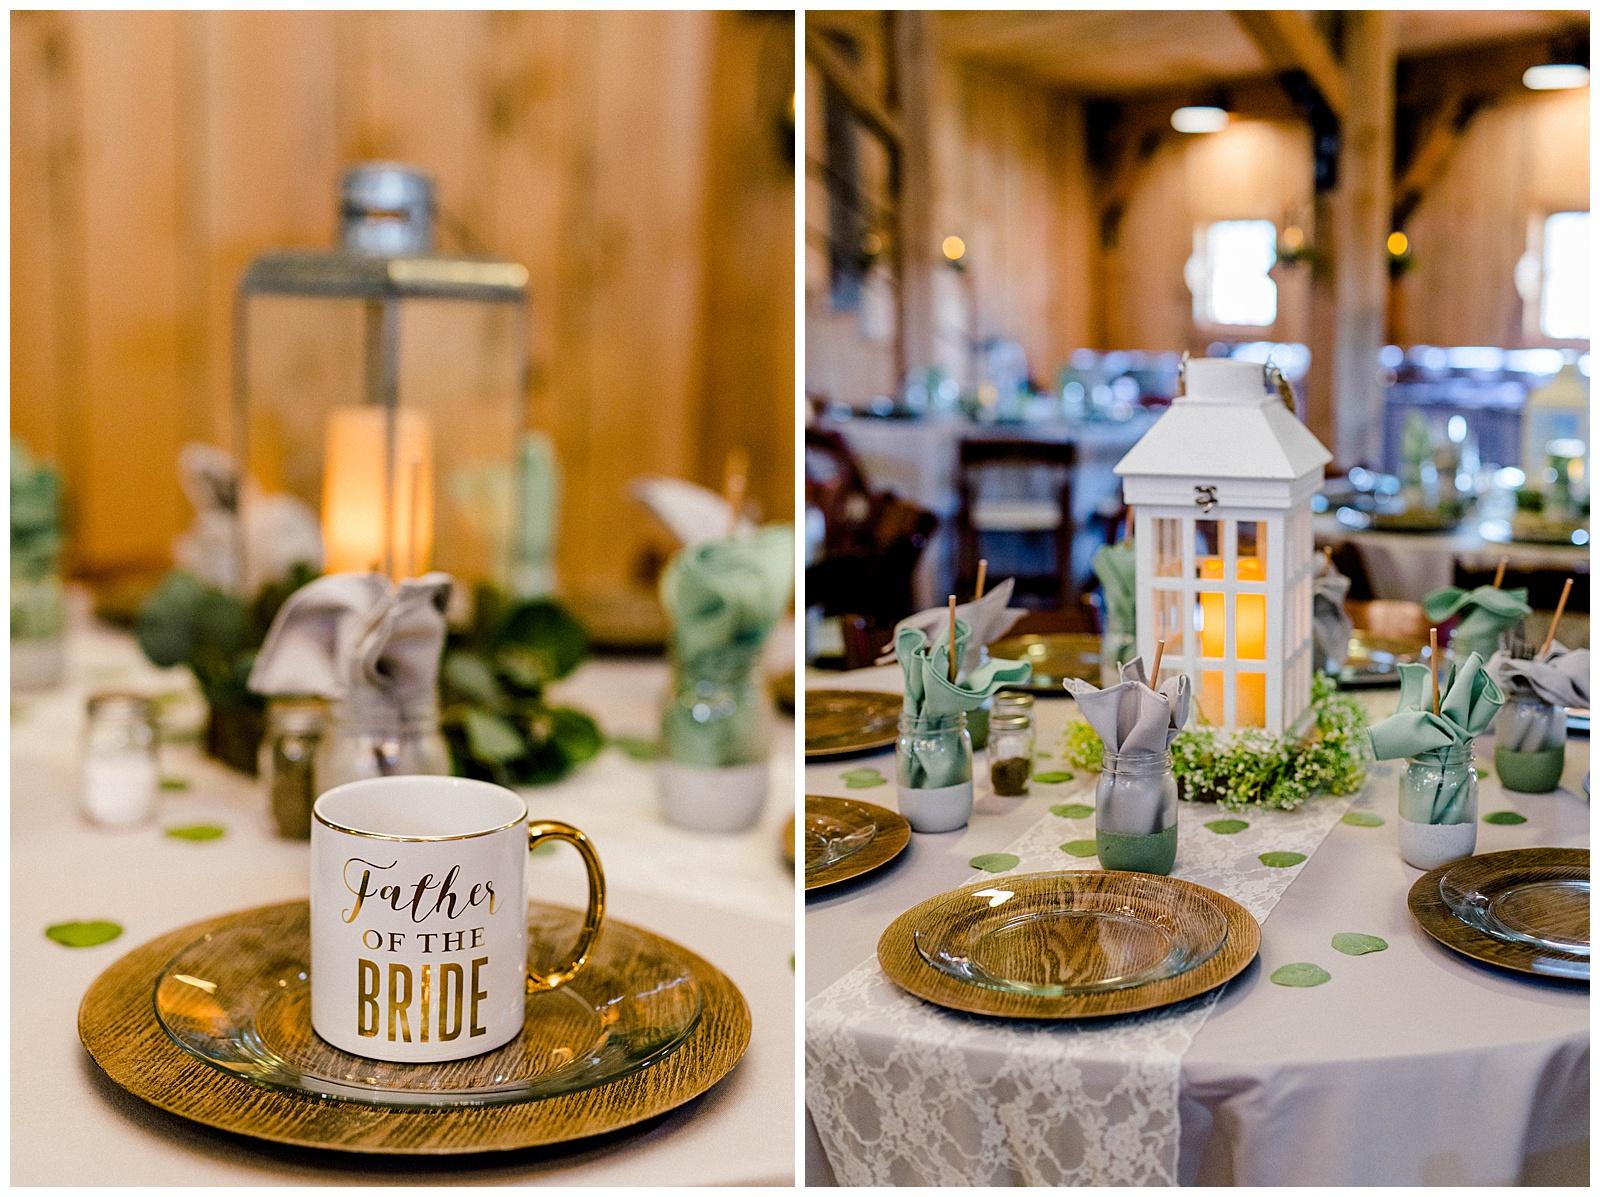 Lewis-Kara-Blakeman-Photography-Huntington-West-Virginia-Wedding-Barn-Olde-Homestead-52